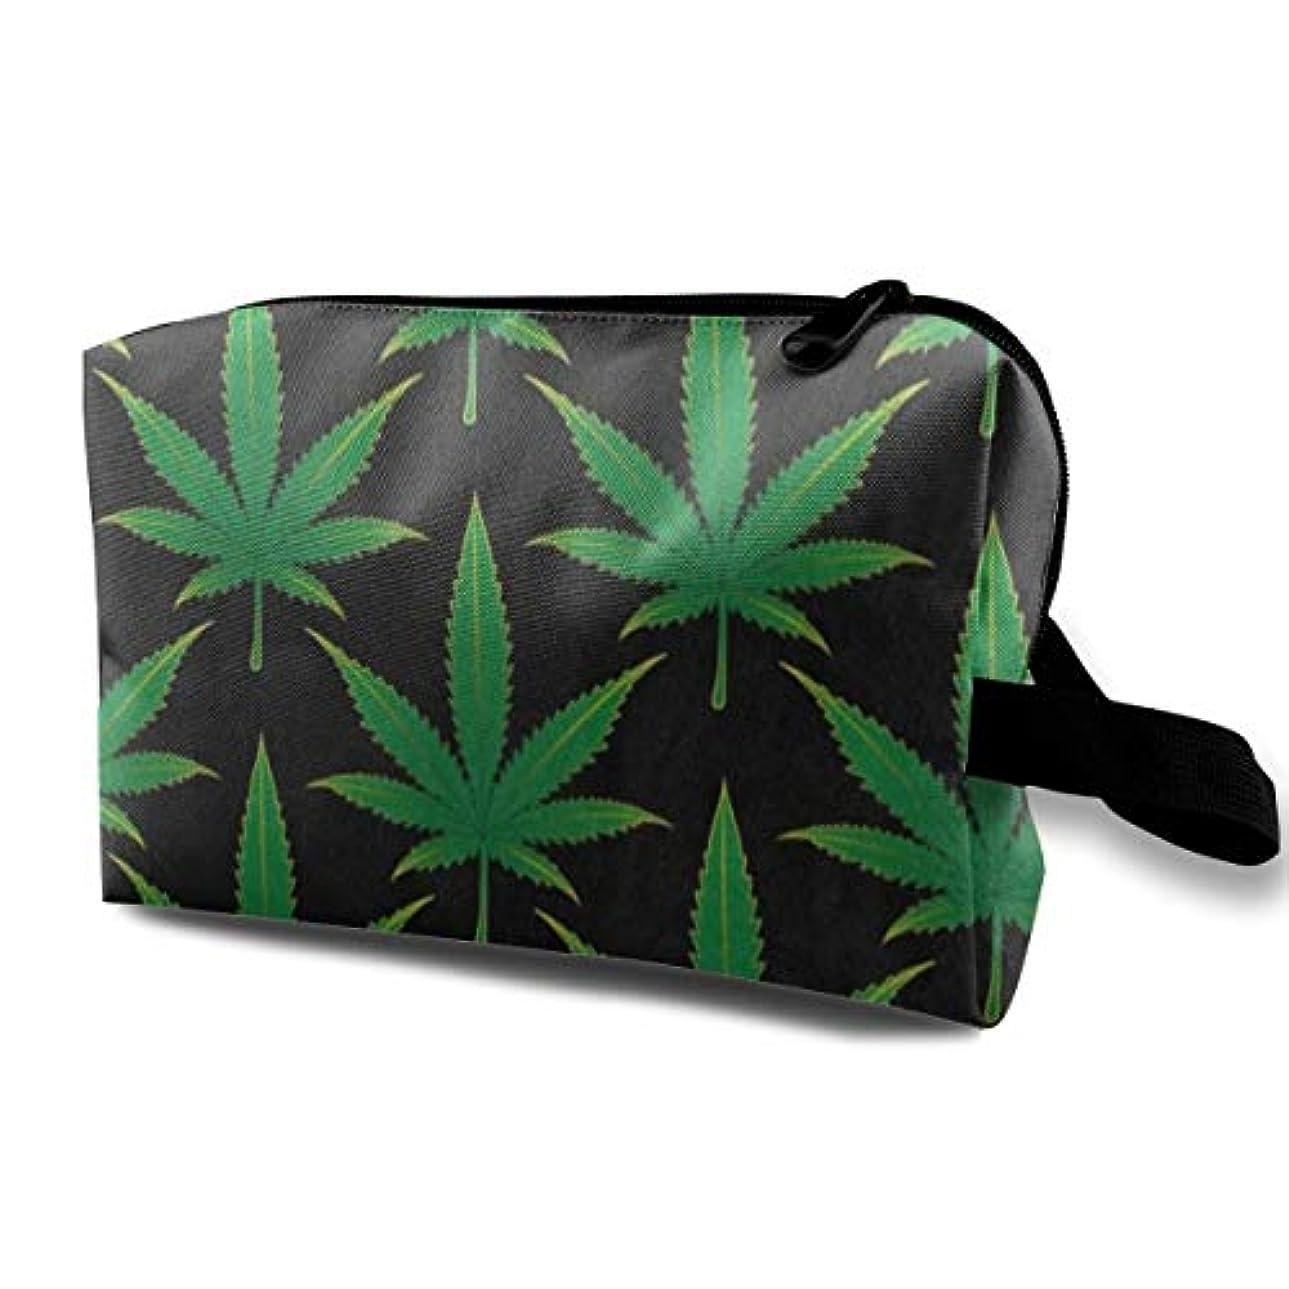 言い訳臭い薄い大麻マリファナの葉 ポーチ 旅行 化粧ポーチ 防水 収納ポーチ コスメポーチ 軽量 トラベルポーチ25cm×16cm×12cm